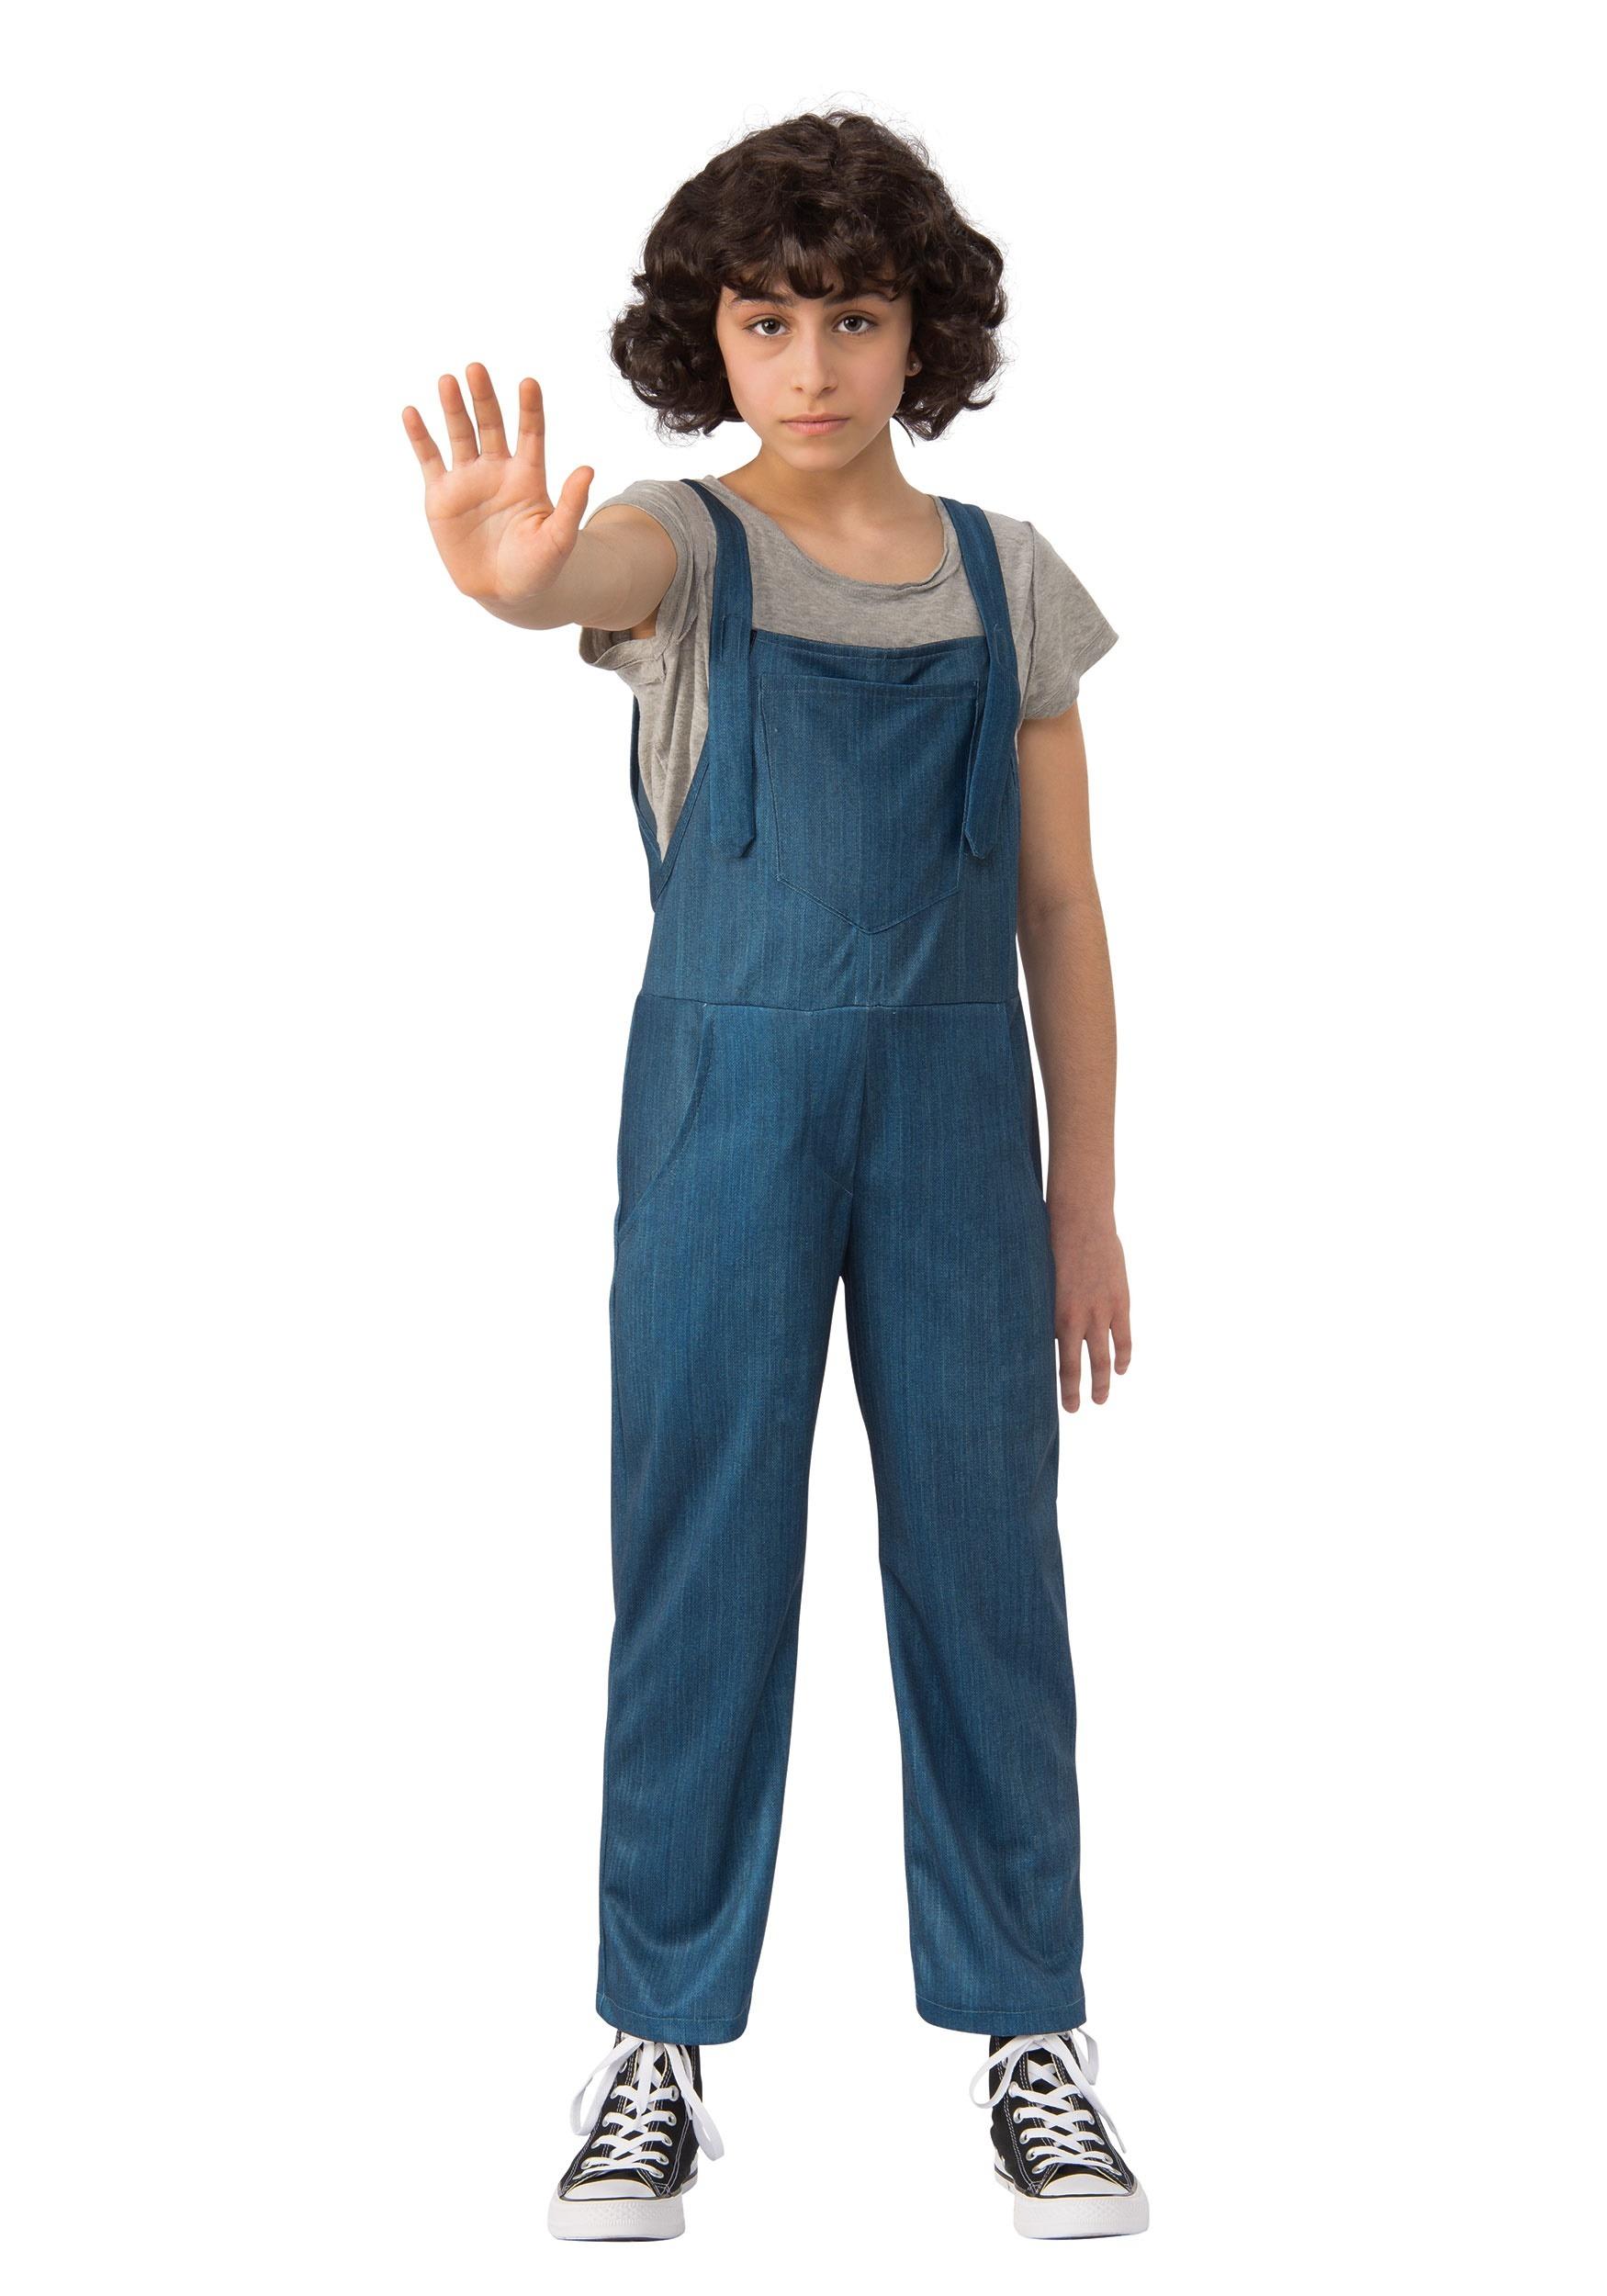 Stranger Things Eleven Adult Costume Socks